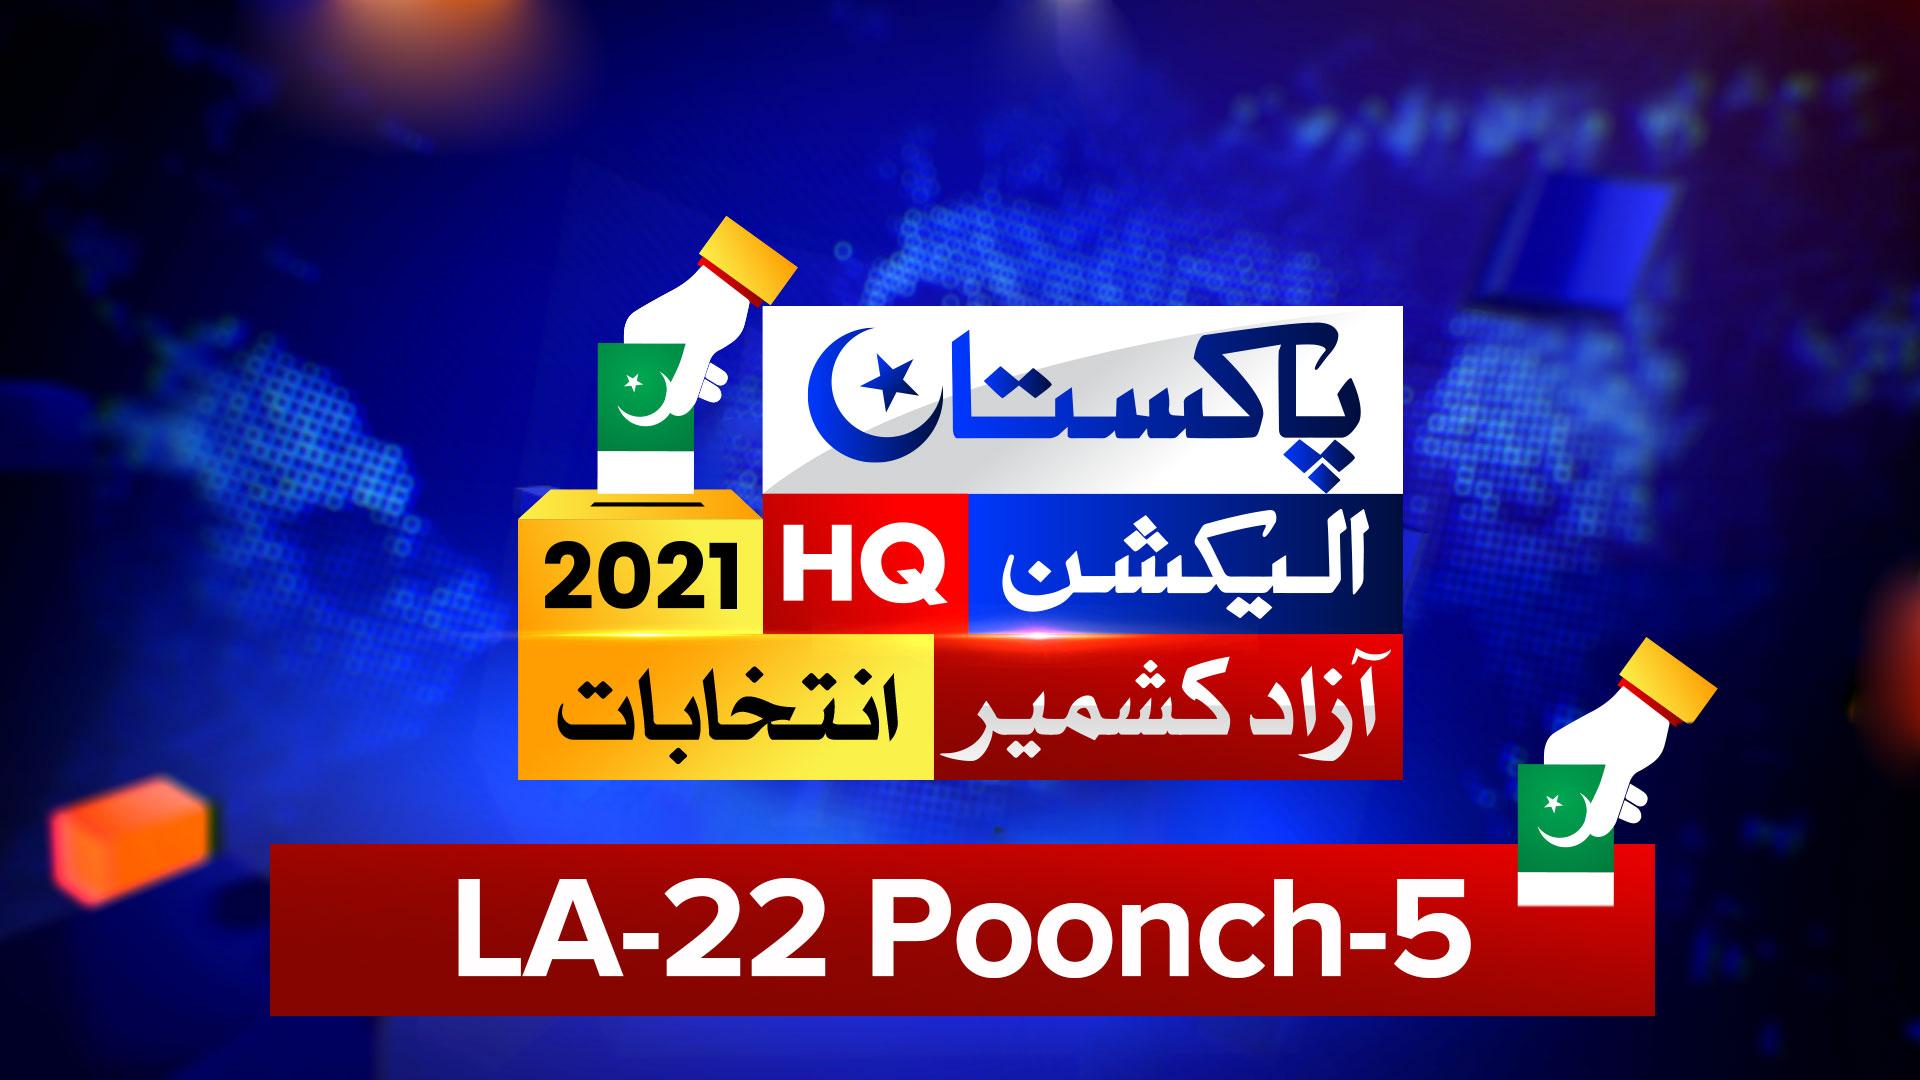 LA-22-Poonch-5